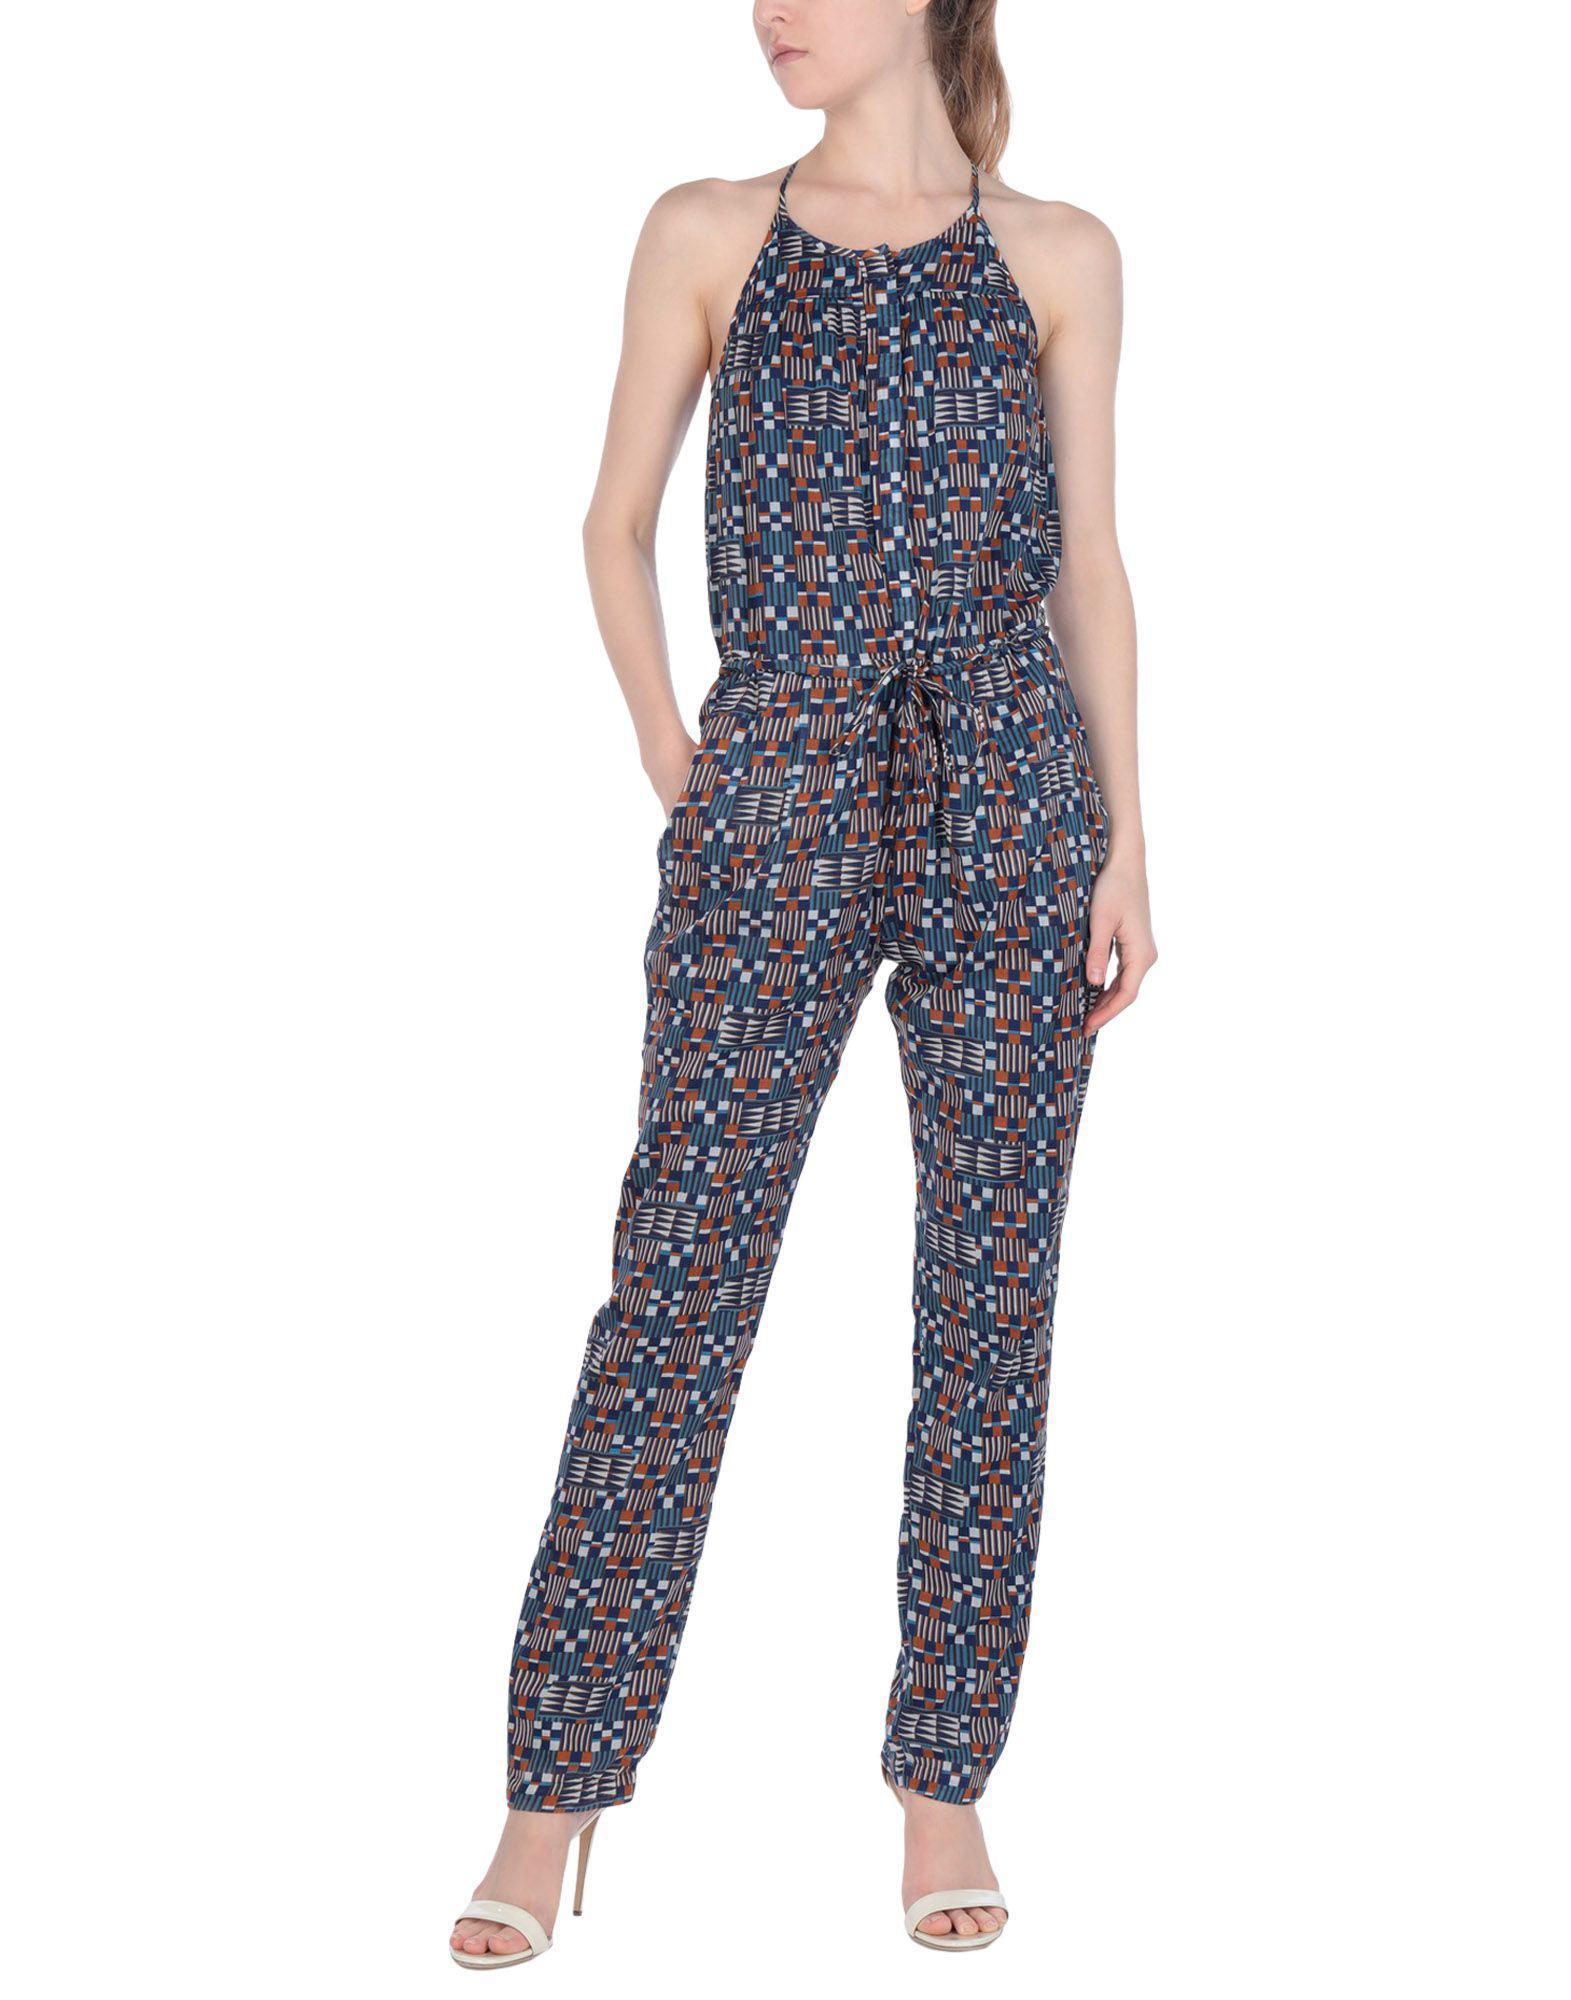 223d00c1fc Lyst - Étoile Isabel Marant Jumpsuit in Blue - Save 12%